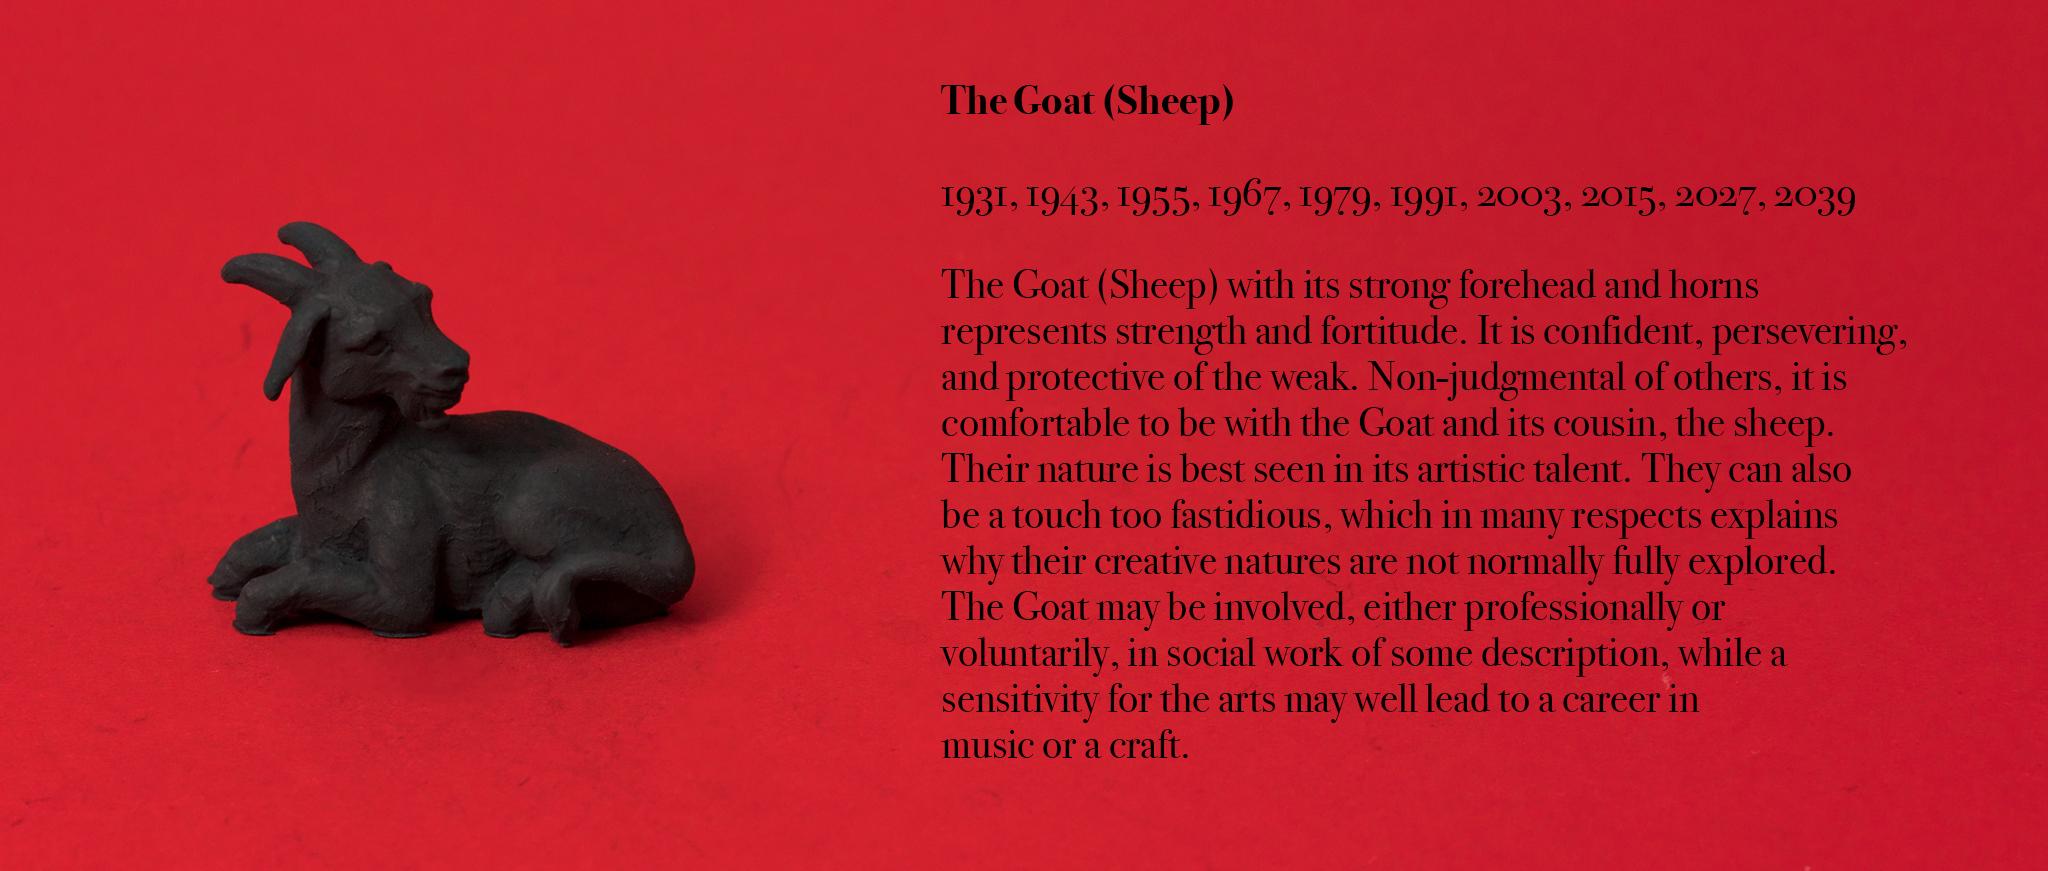 08. Goat/Sheep